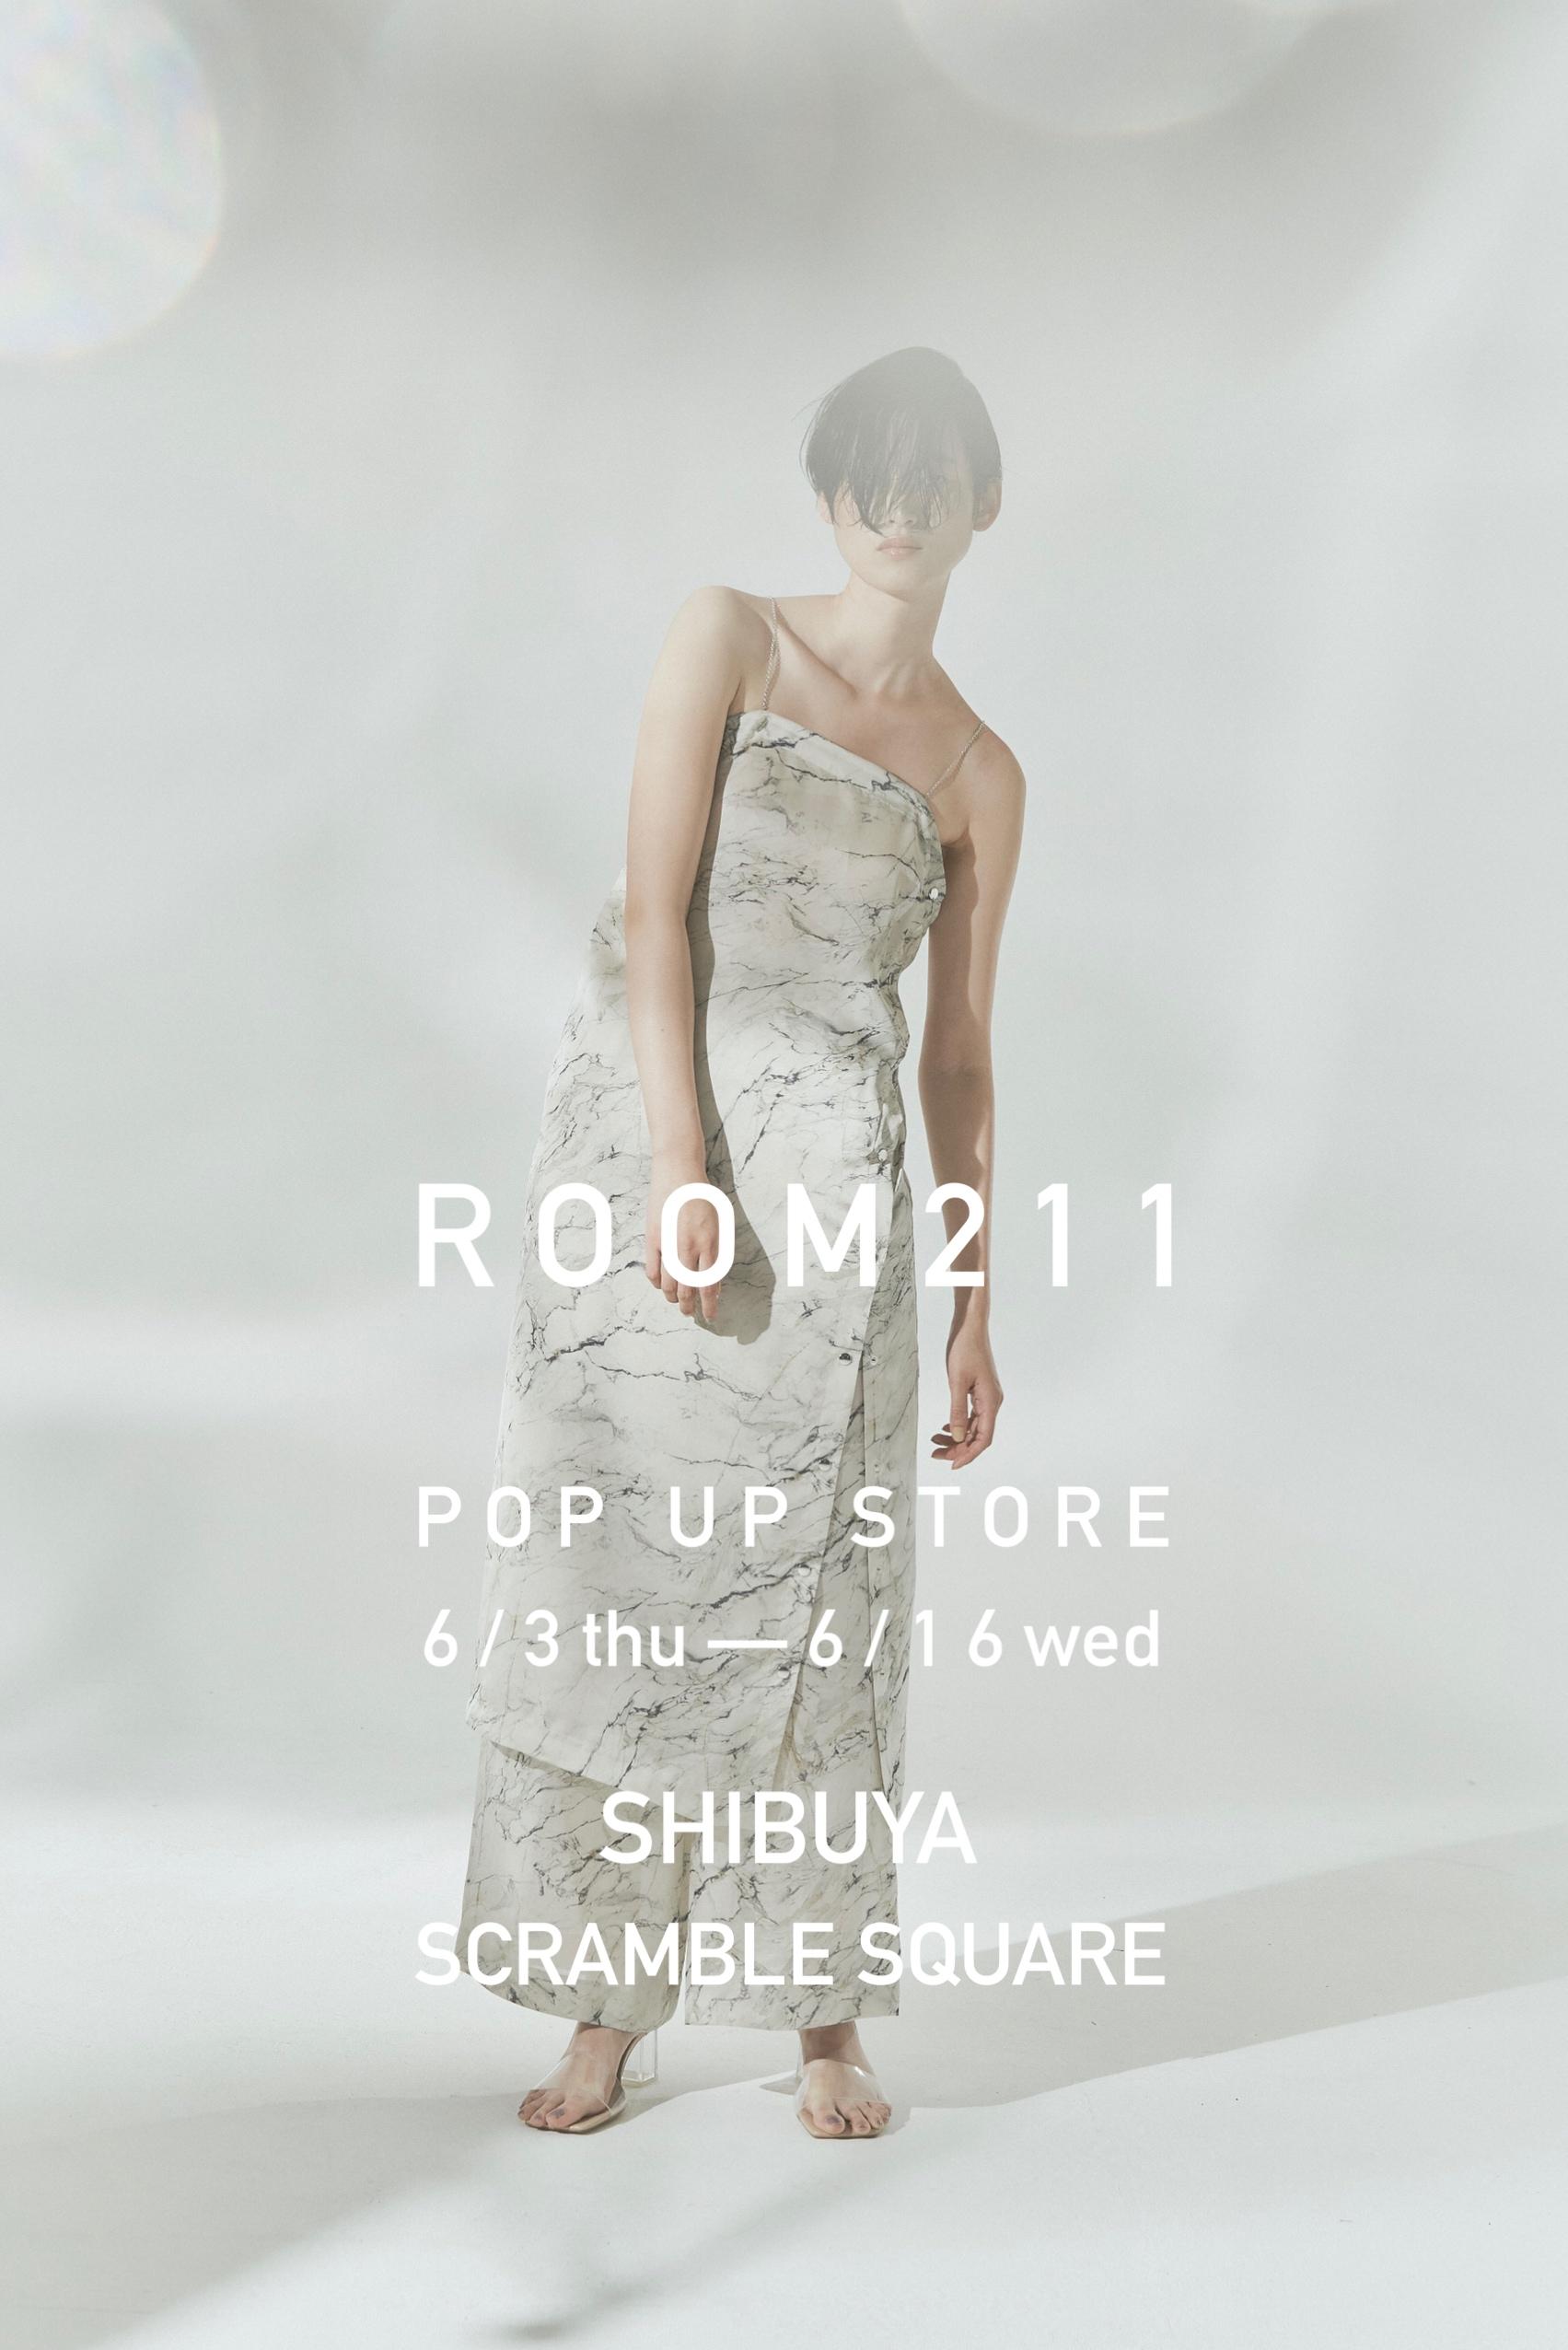 POPUP STORE  渋谷スクランブルスクエア (6/3-6/16)